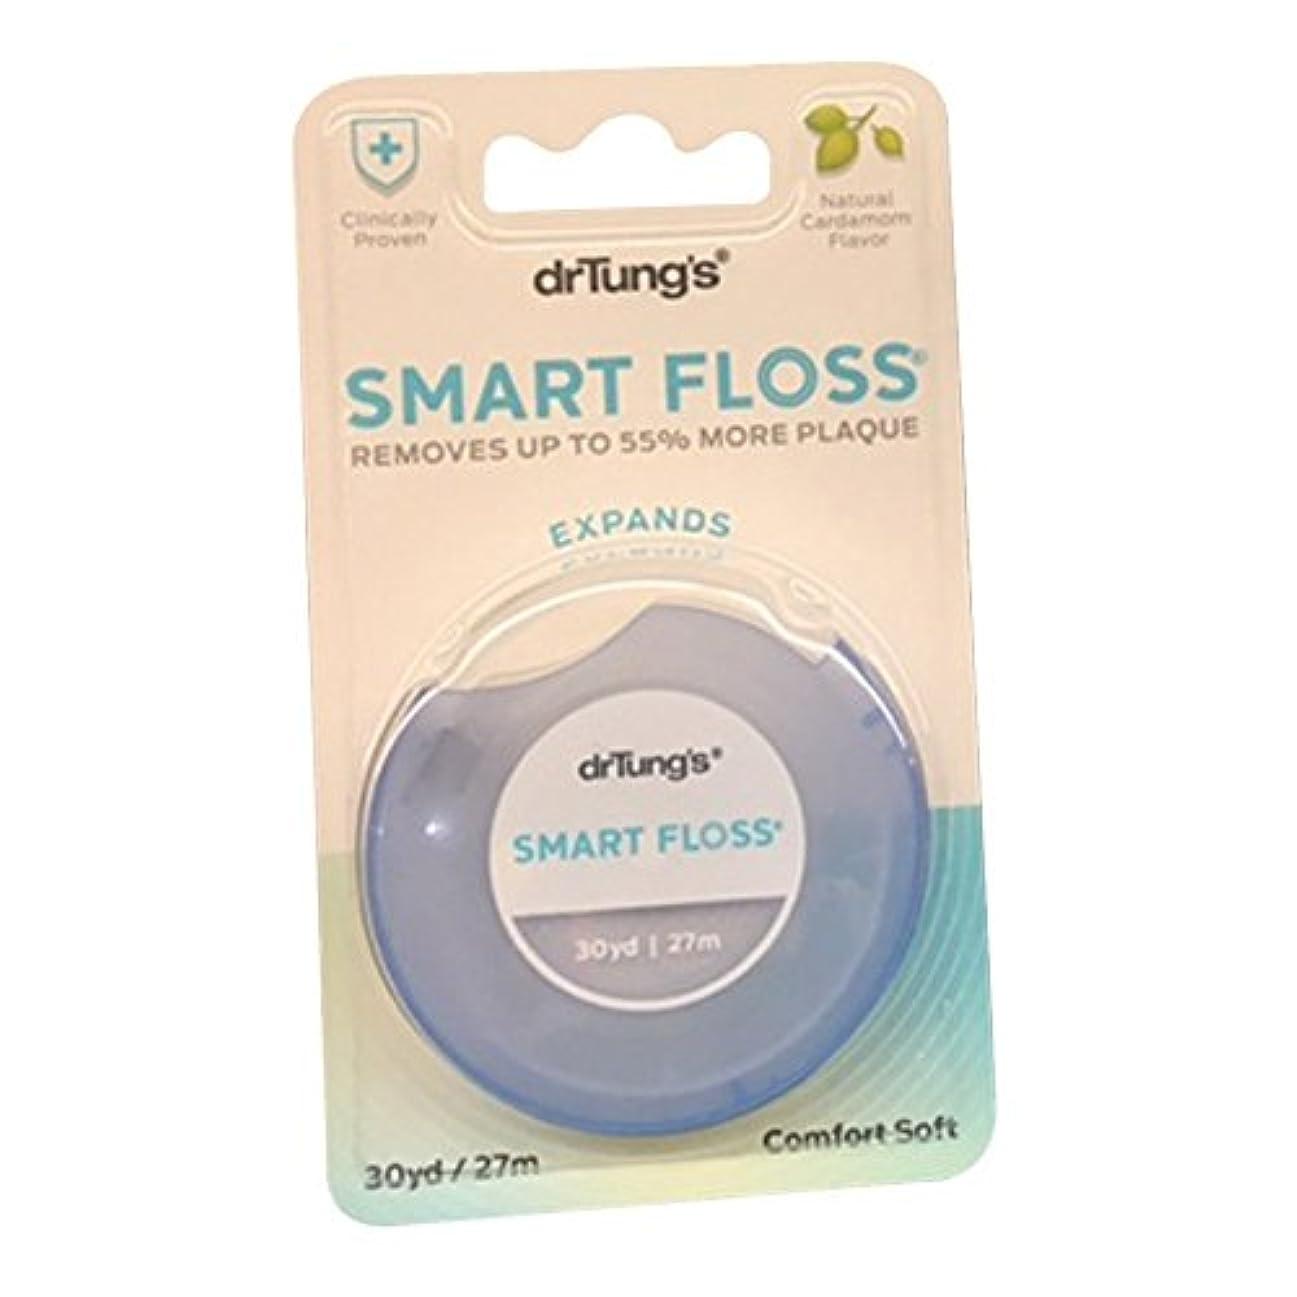 店員マーチャンダイジング悪名高い【並行輸入品】Dr. Tung's Products: Smart Floss Dental Floss 30 yards (12 pack)